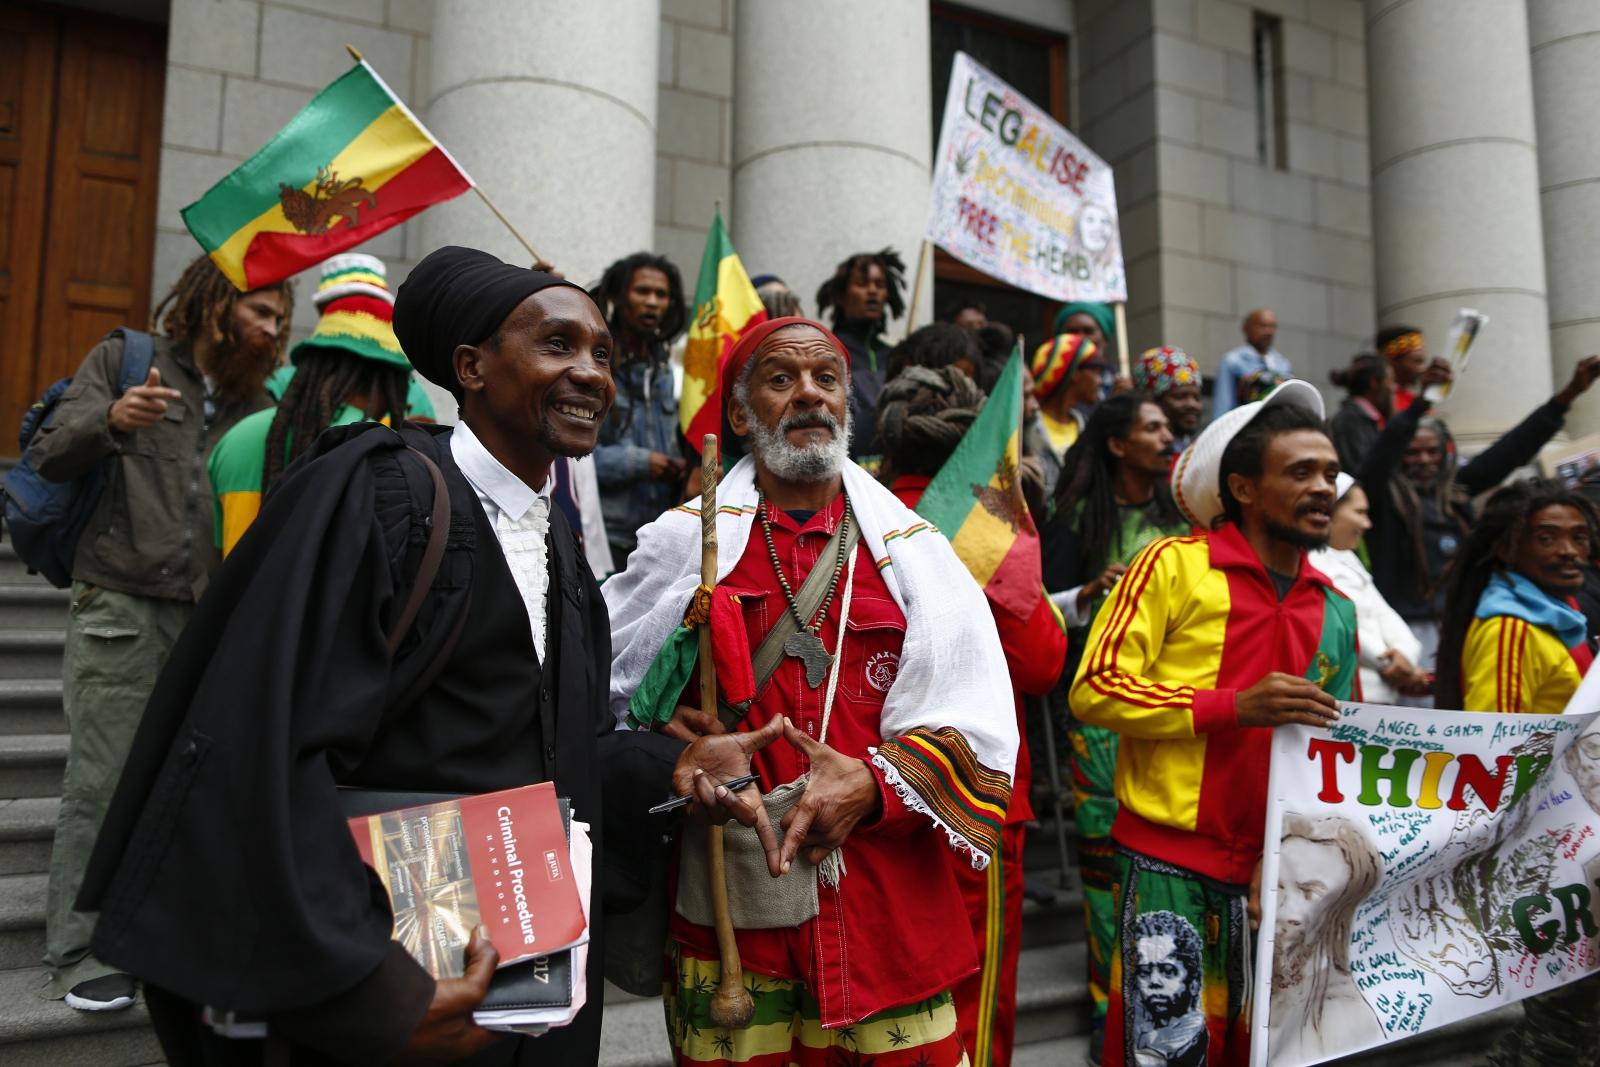 W RPA zalegalizowano kultywowanie, posiadanie i używanie marihuany. Fot. PAP/EPA/NIC BOTHMA